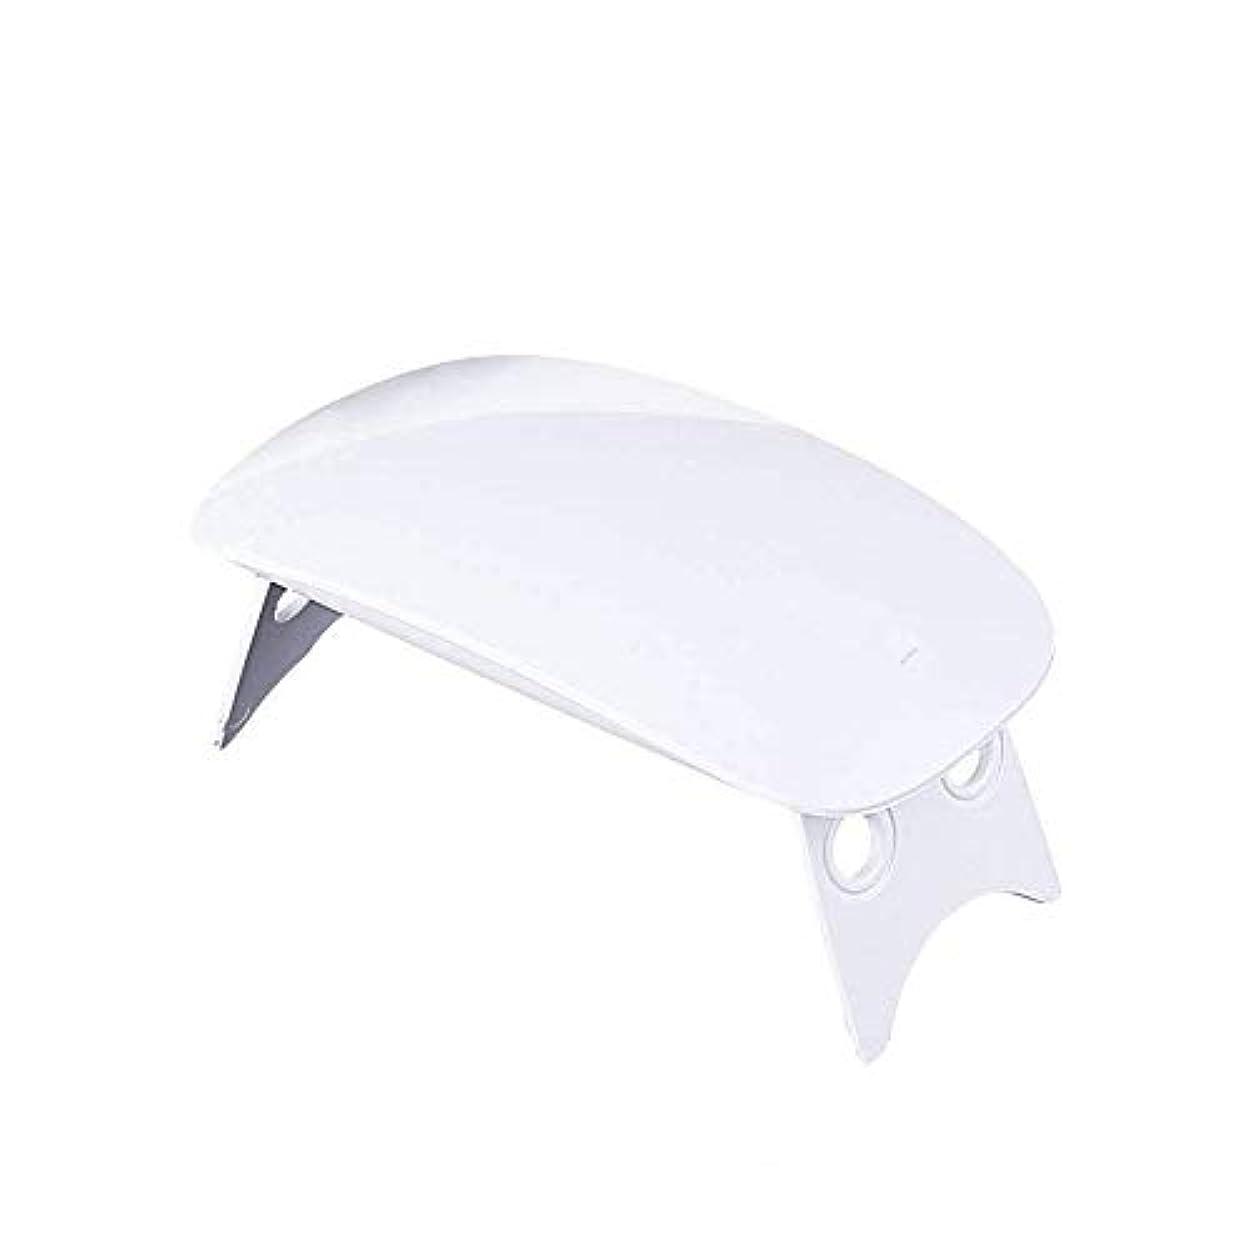 増強する落胆したはがきLEDネイルドライヤー UVライト 折りたたみ式手足とも使える LED 硬化ライト UV と LEDダブルライト ジェルネイル用 (ホワイト)